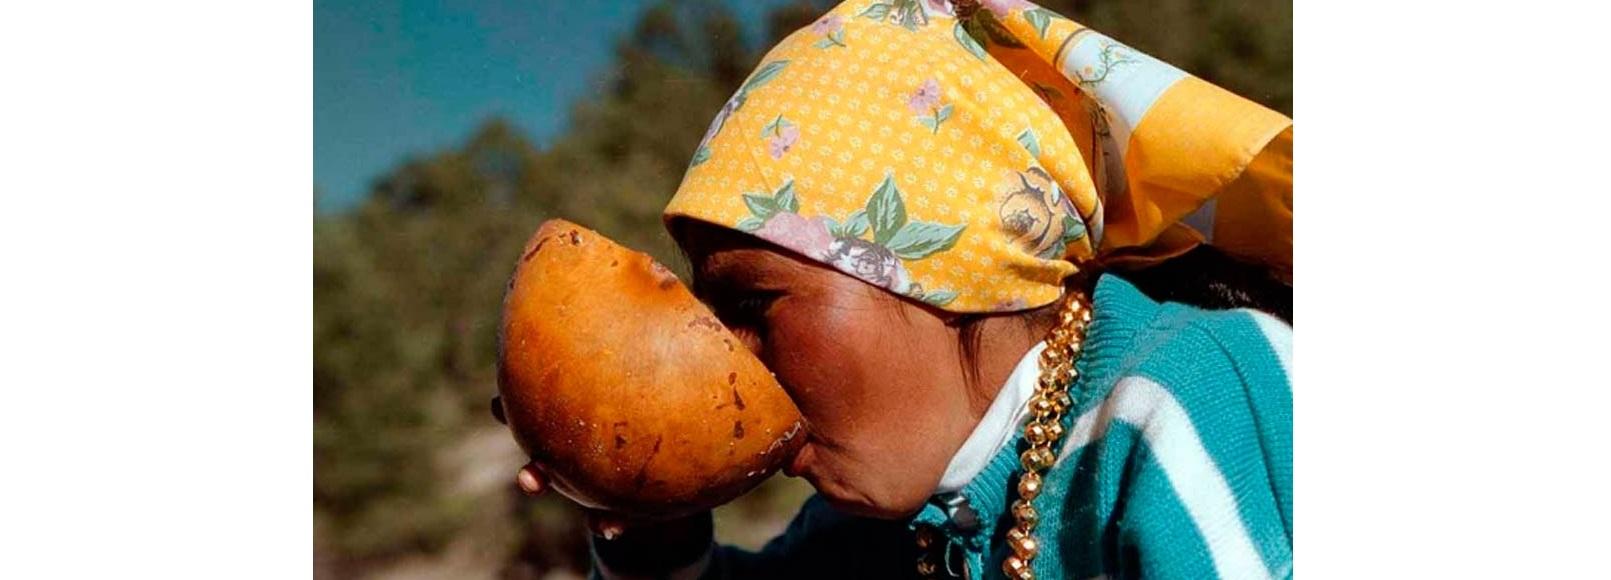 Desnutrición provoca muertes entre indígenas tarahumaras